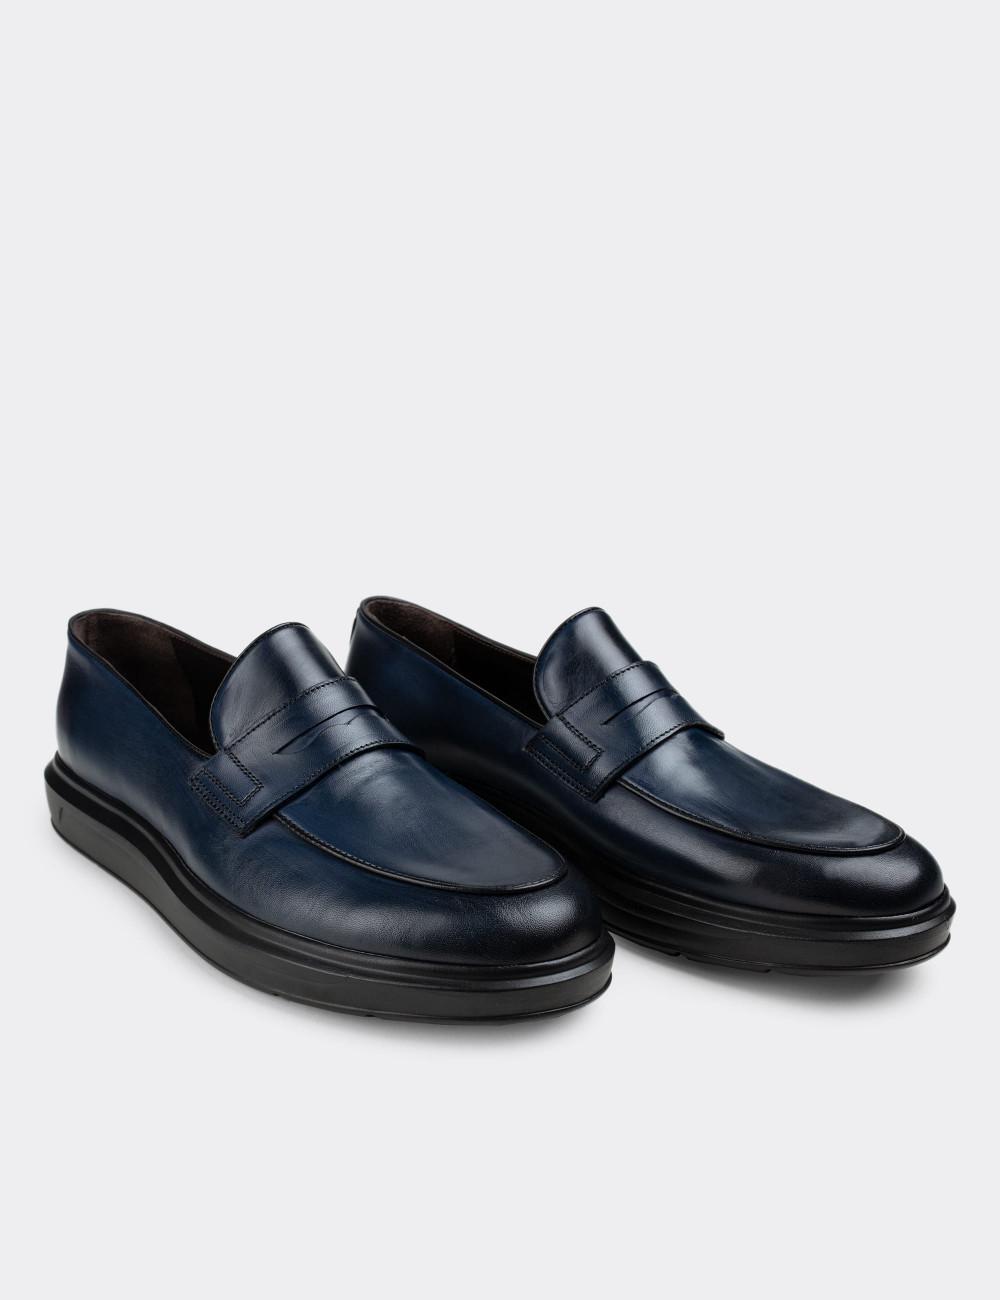 Hakiki Deri Mavi Loafer Erkek Ayakkabı - 01839MMVIP01